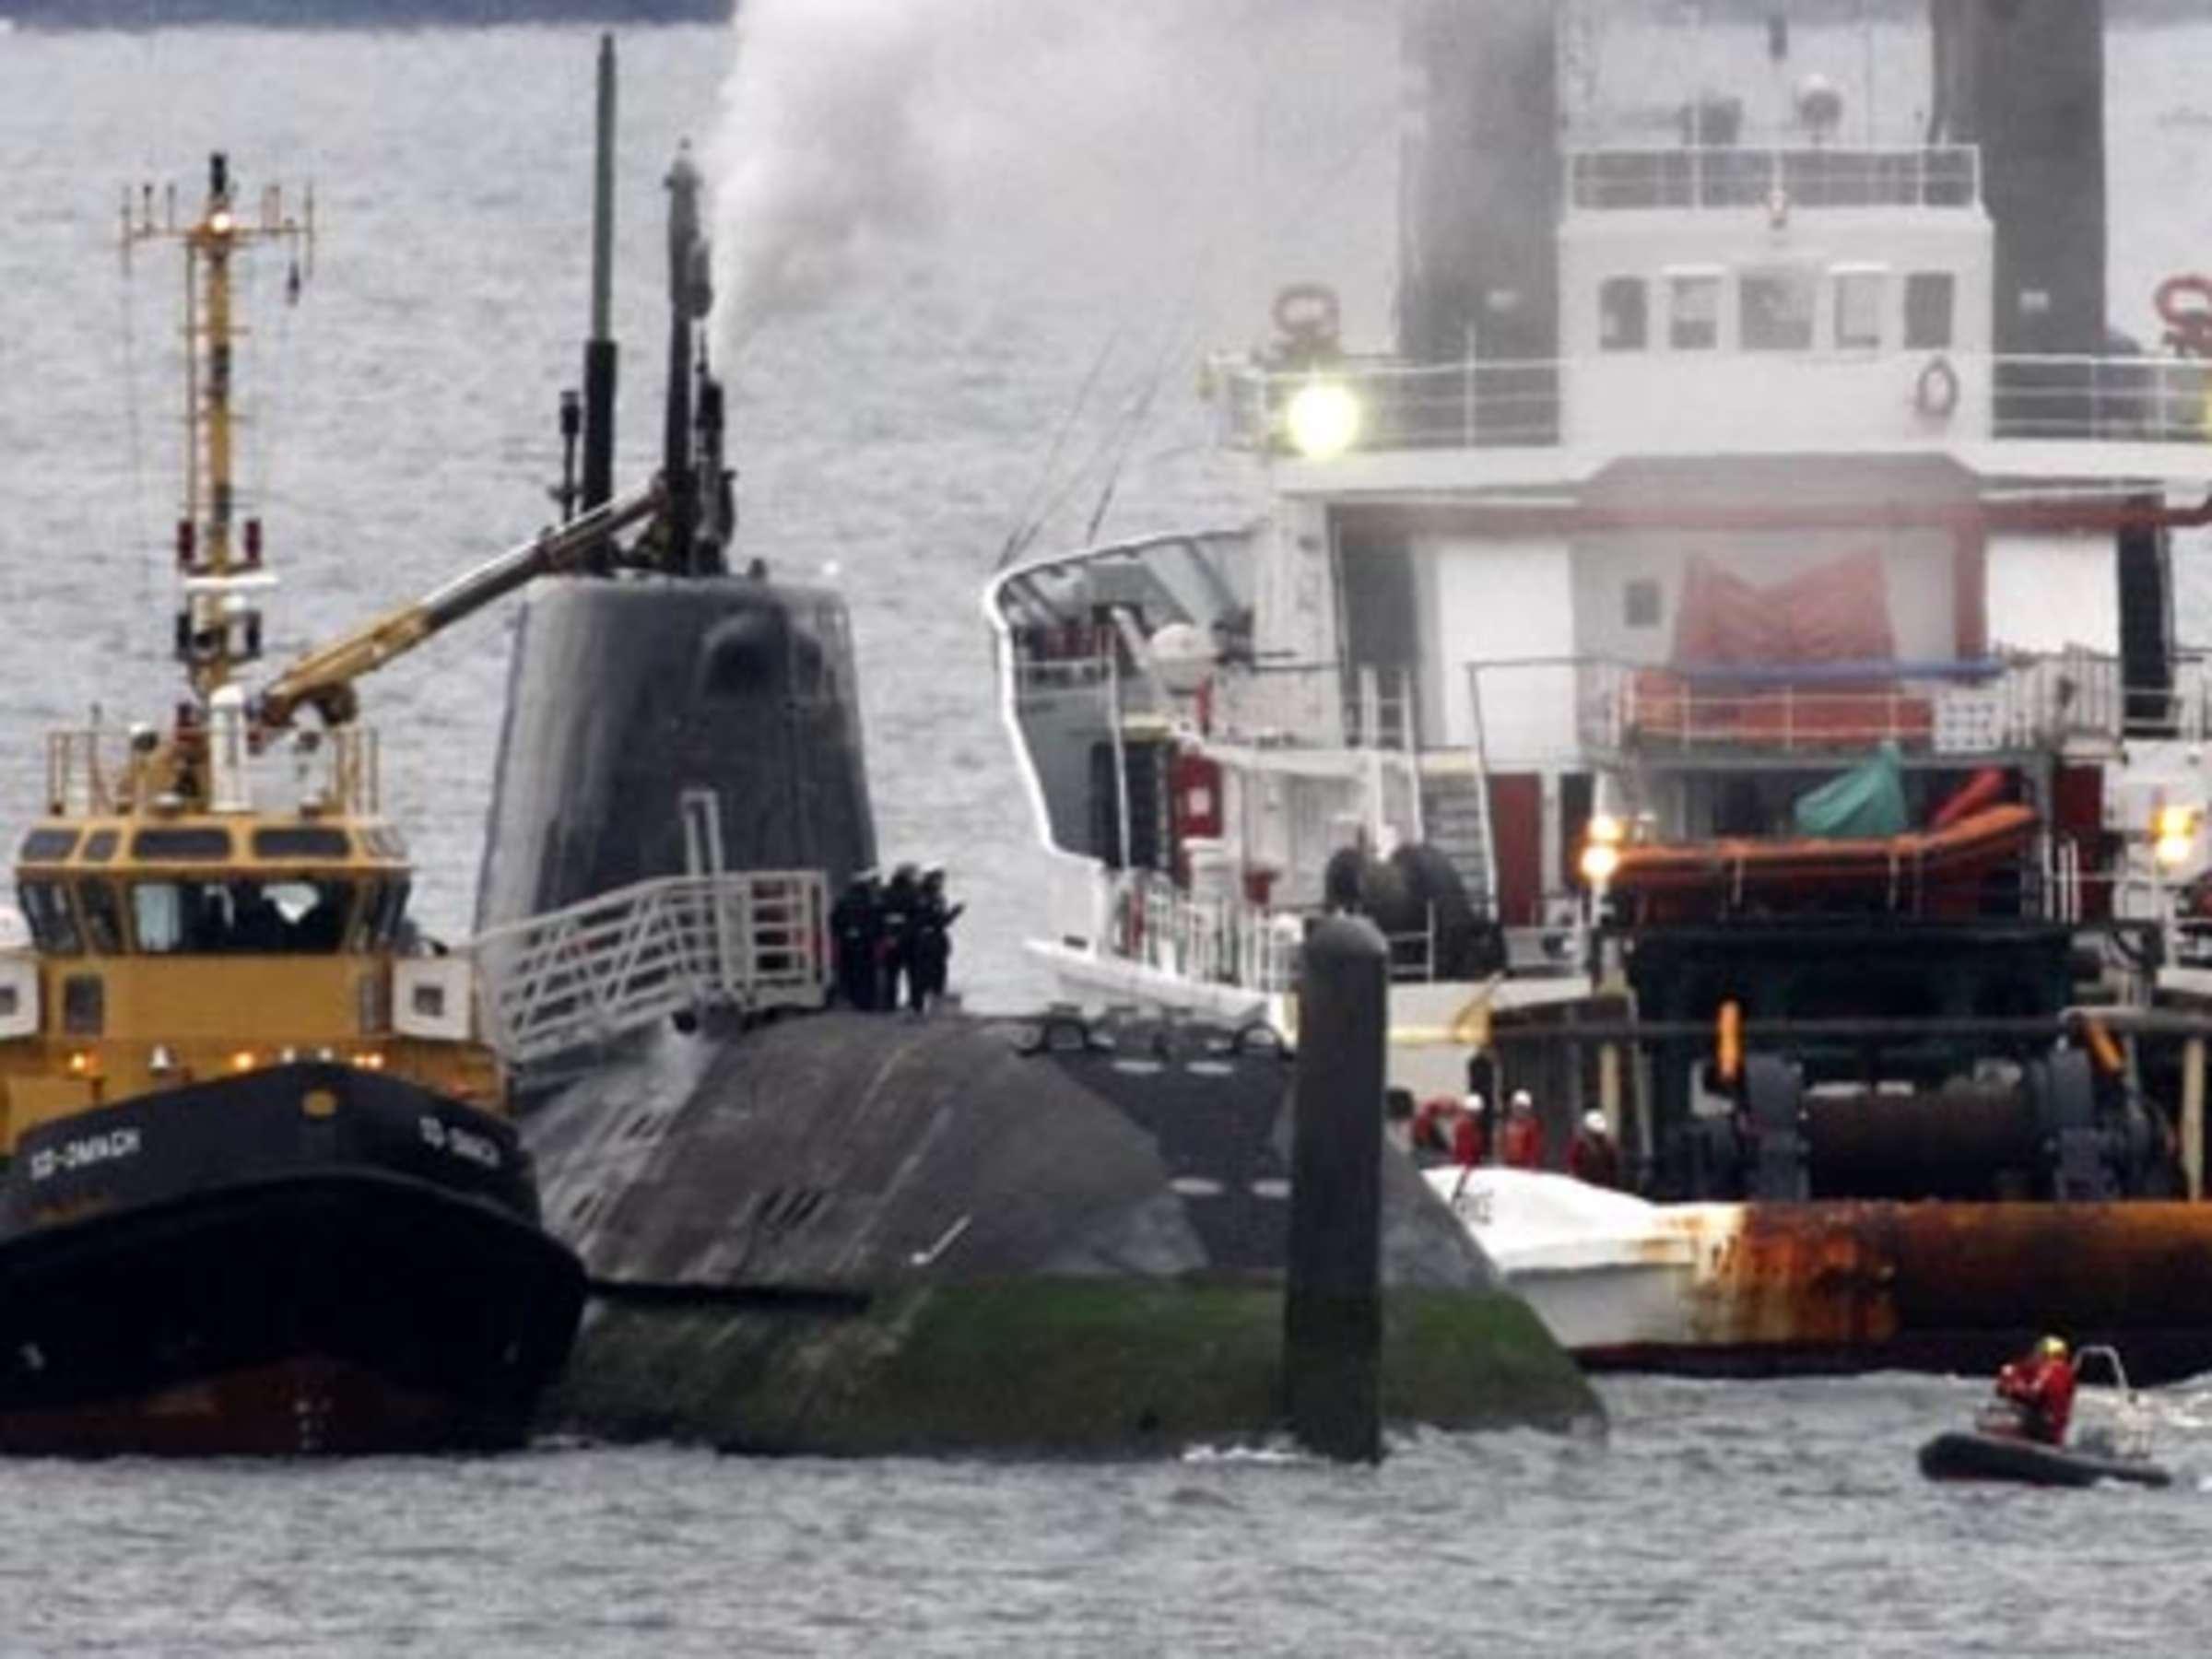 Britisches Atom U Boot Lauft Vor Kuste Auf Grund Welt